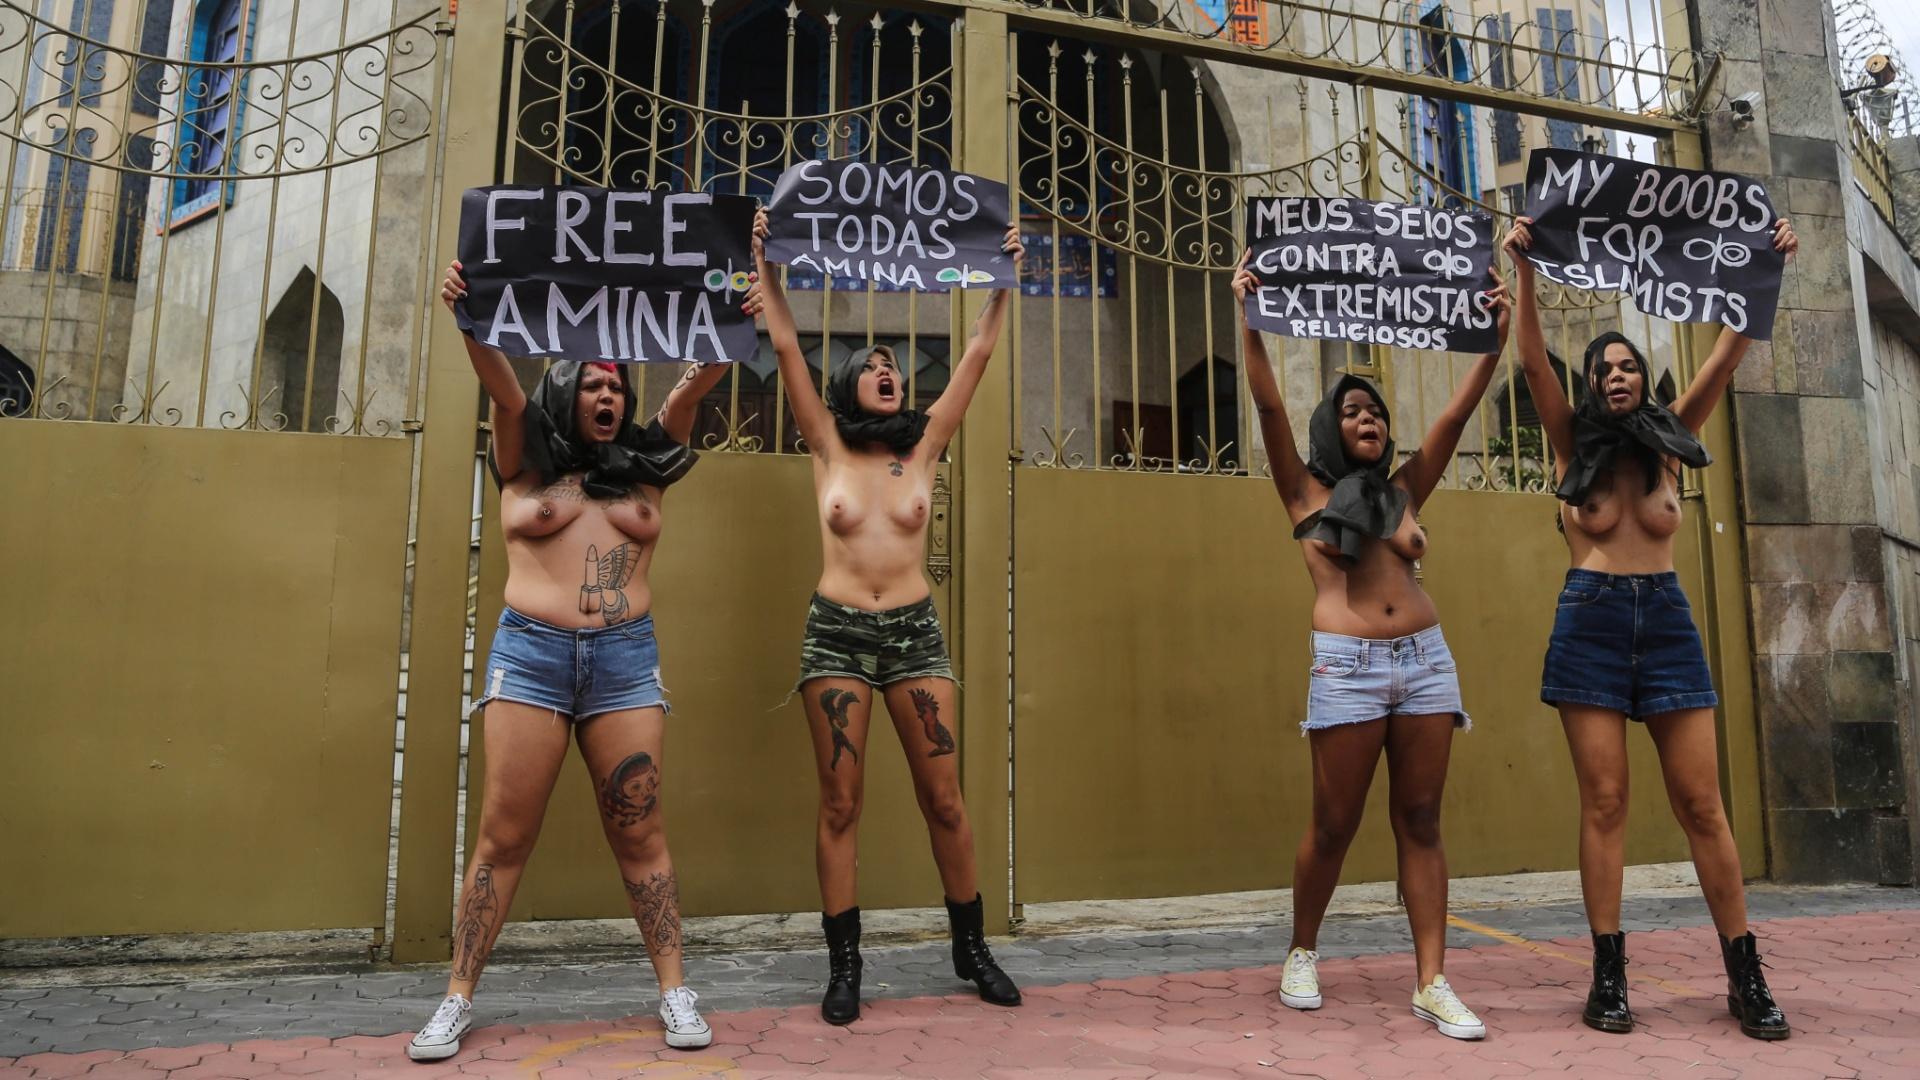 4.abr.2013 - Ativistas do grupo Femen Brasil protestam em frente à mesquita do Brás, templo islâmico xiita localizado no centro de São Paulo, nesta quinta-feira (4). O ato foi realizado em defesa da tunisiana Amina Tyler. Ela causou polêmica na Tunísia após divulgar na internet fotos em que exibia os seios e o corpo pintados com frases pedindo liberdade para as mulheres islâmicas